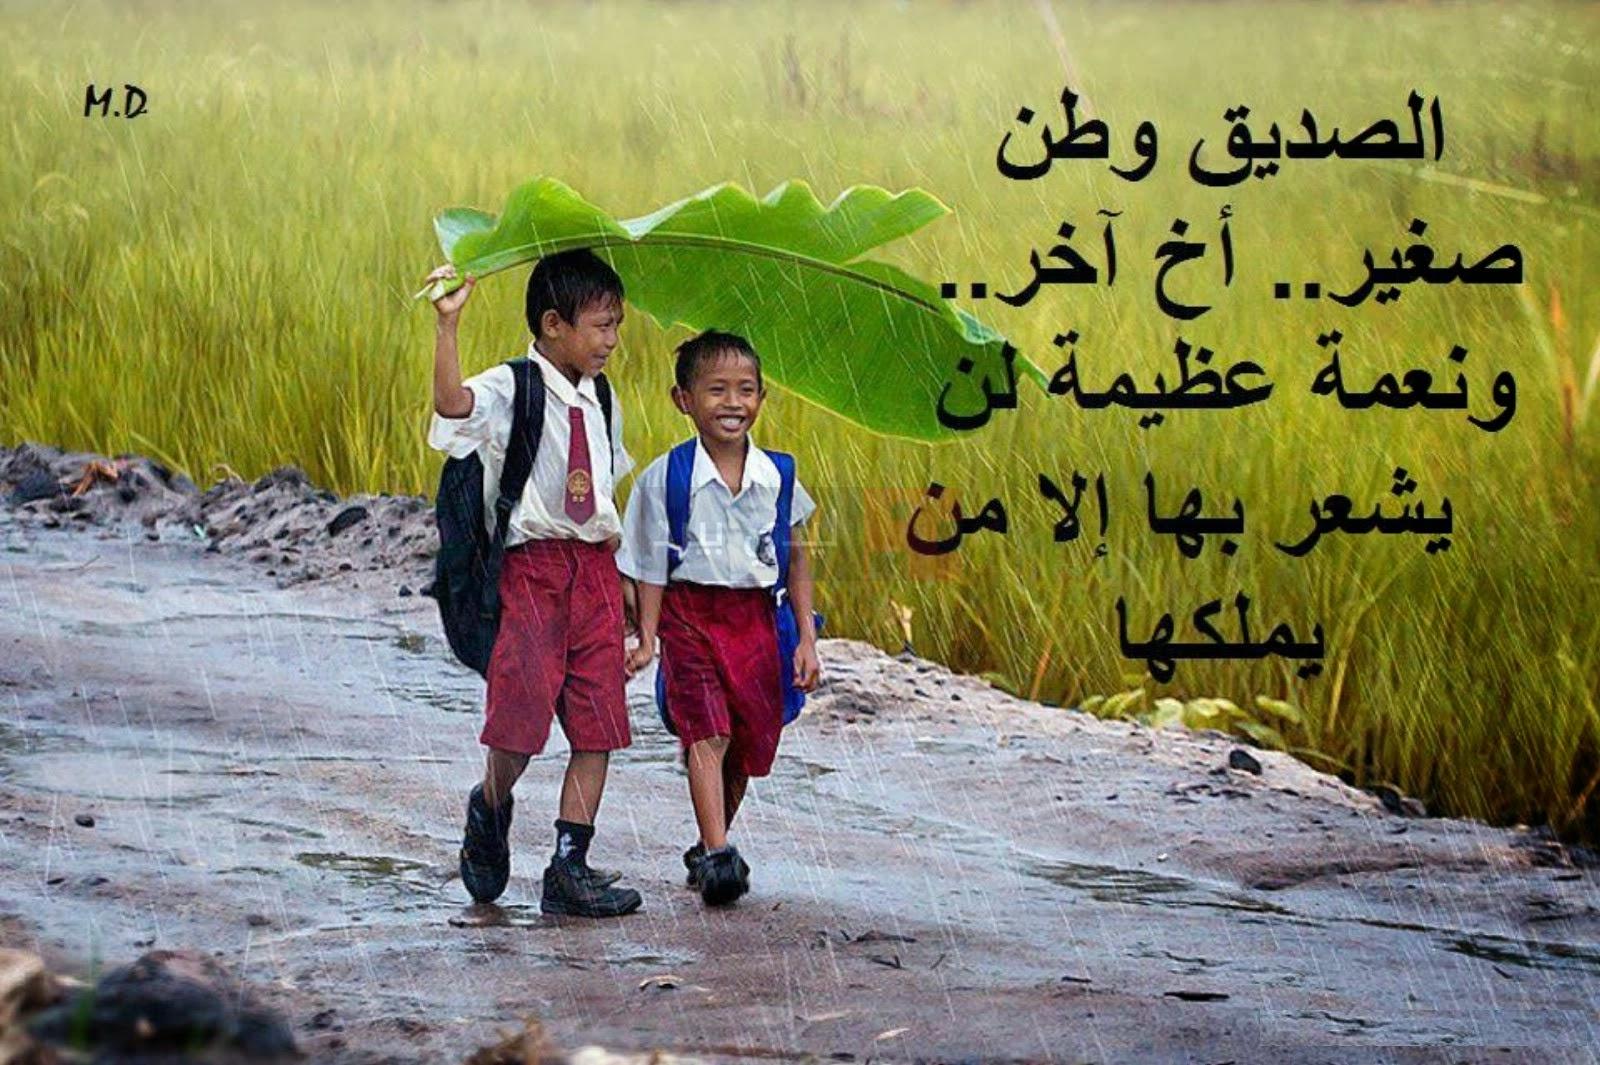 صورة مدح صديق غالي , مدح شخص مقرب و عزيز